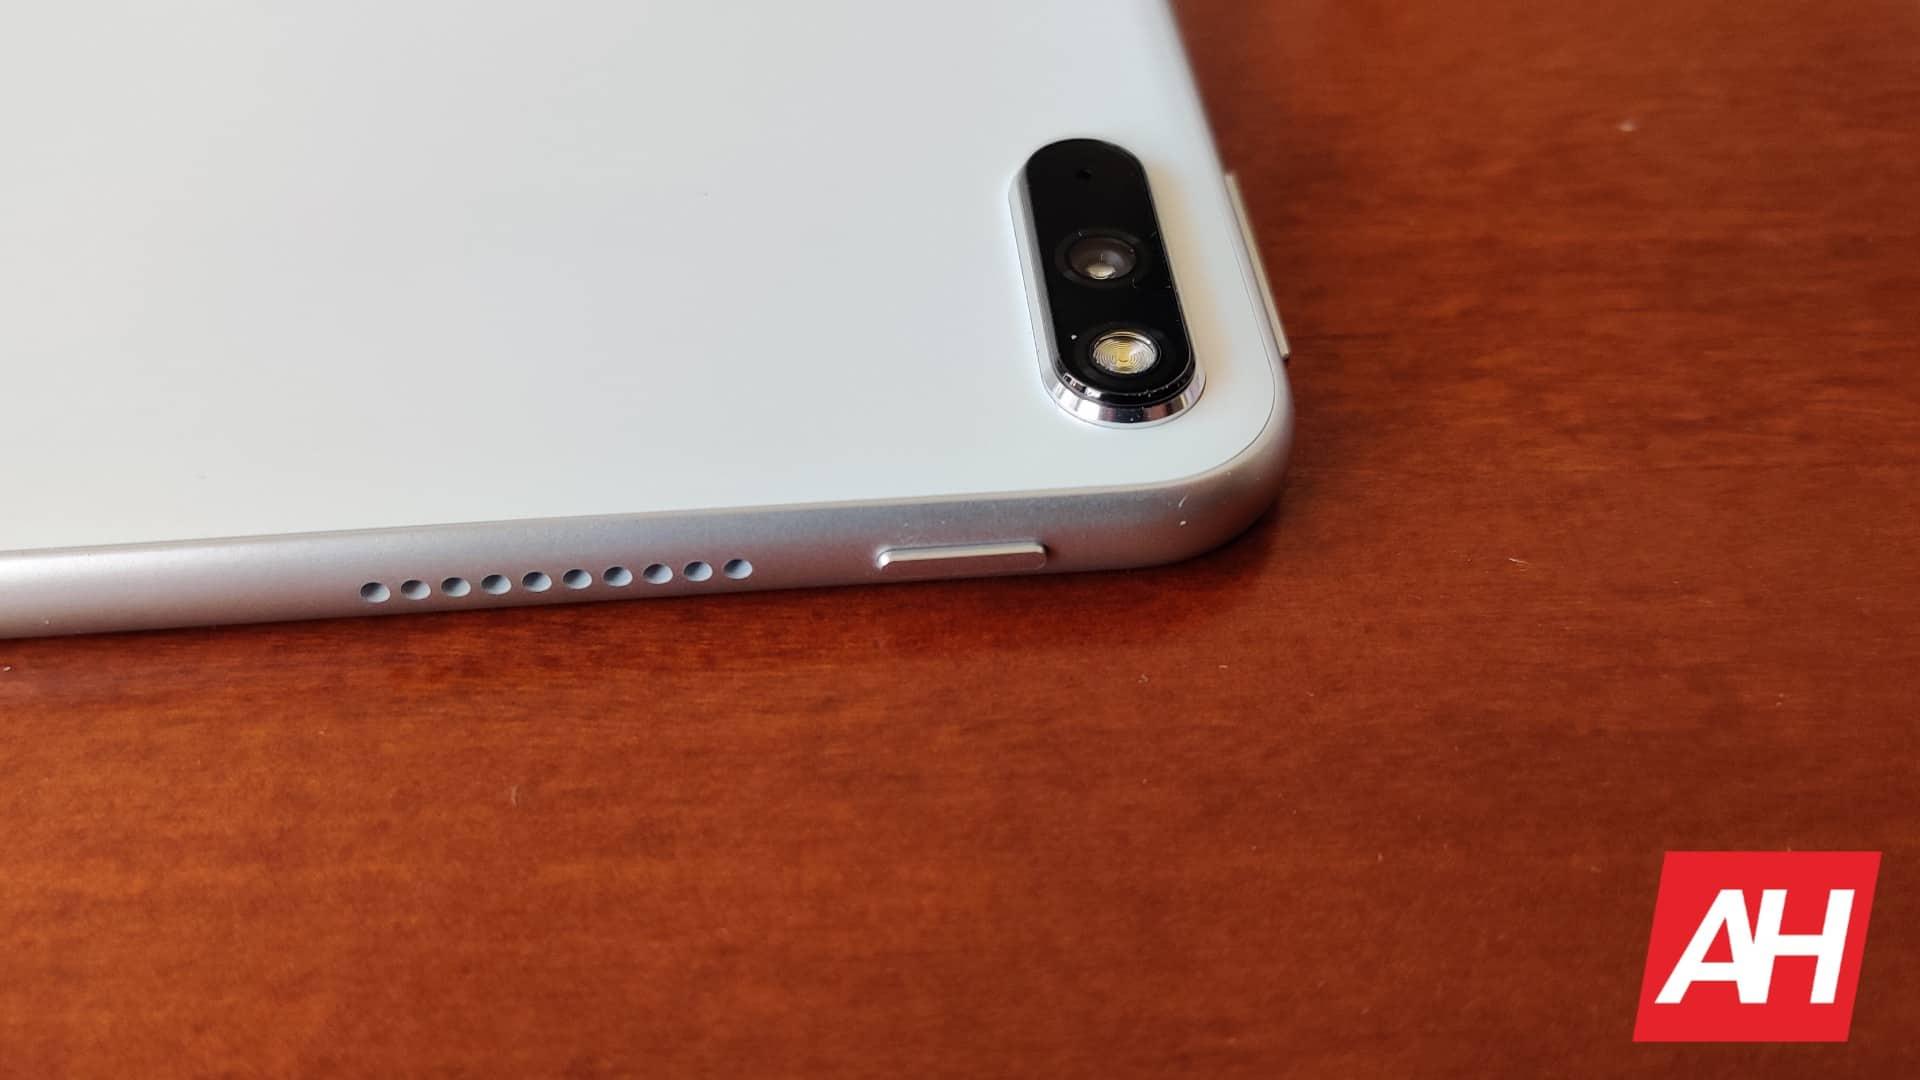 AH Huawei MatePad Pro image 15